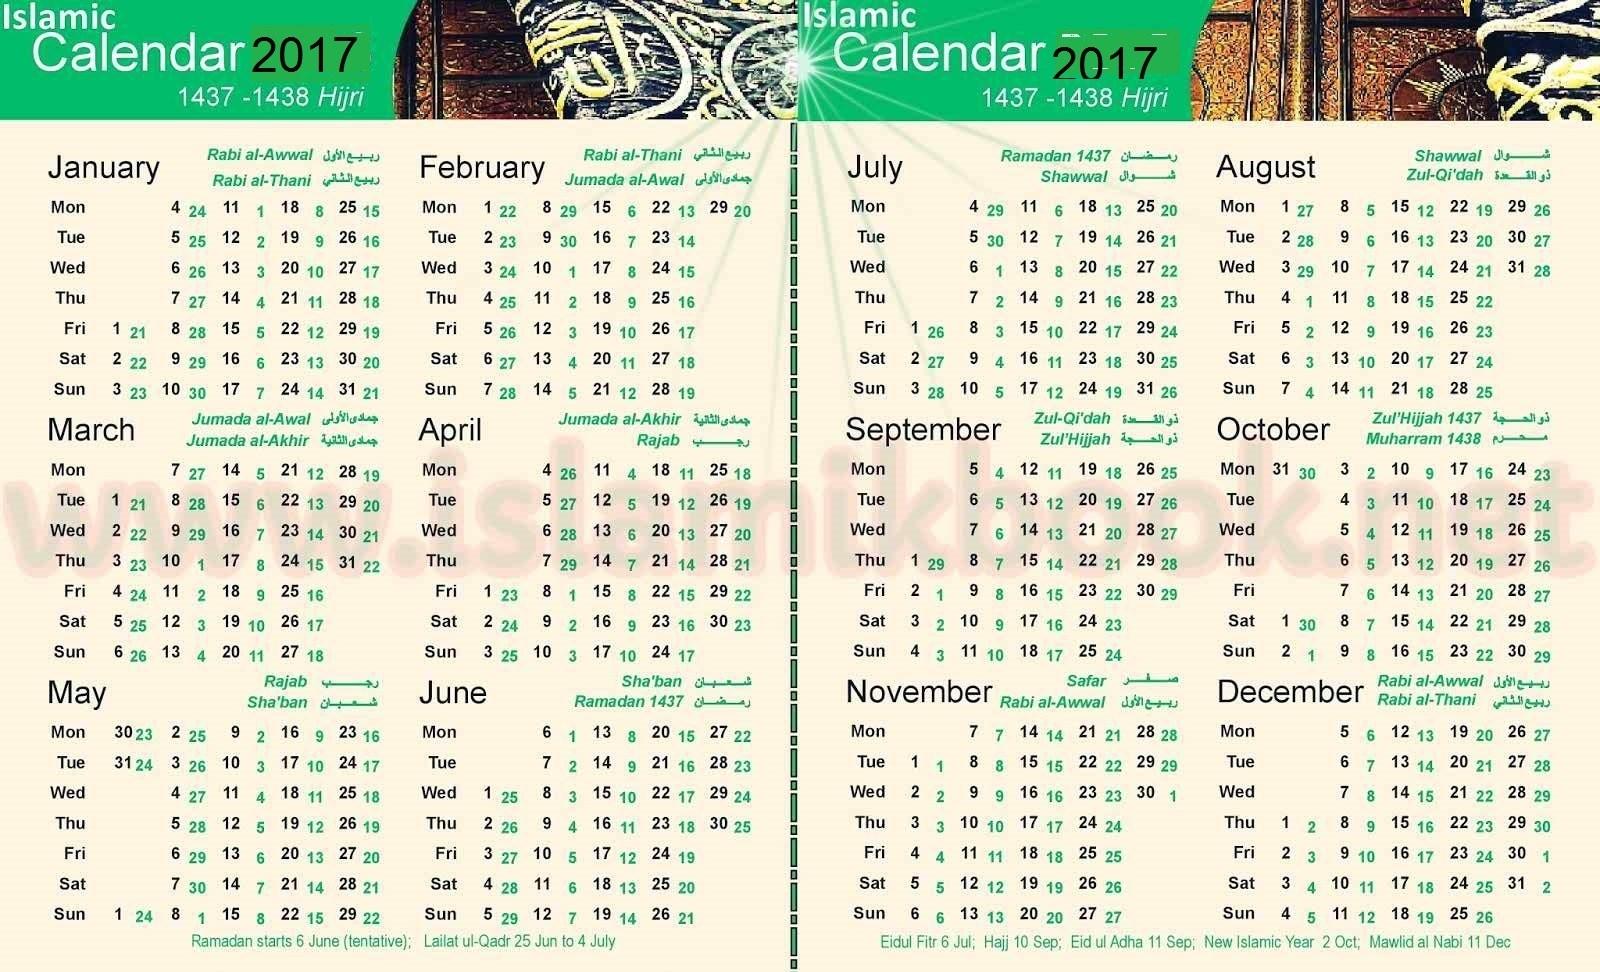 Islamic Calendar 2018 | Hijri Calendar 1439 inside Islamic Year Hijri 1438 Images